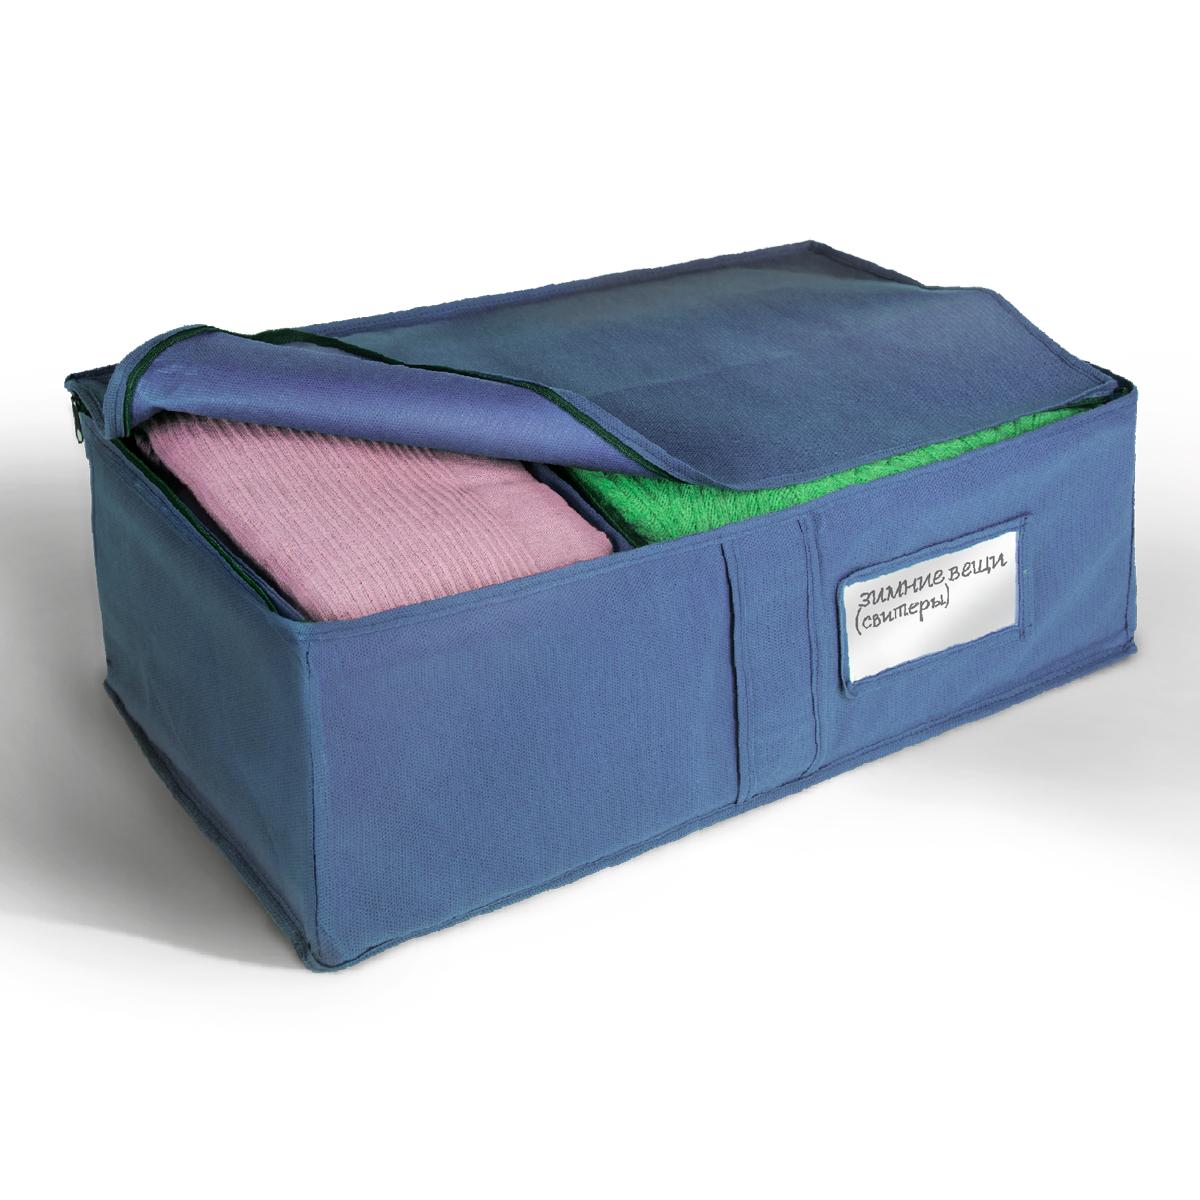 Кофр для хранения Miolla, цвет: синий, 60 х 30 х 20 смCHL-7-1Ящик универсальный для хранения вещей 60 x 30 x 20 см синий